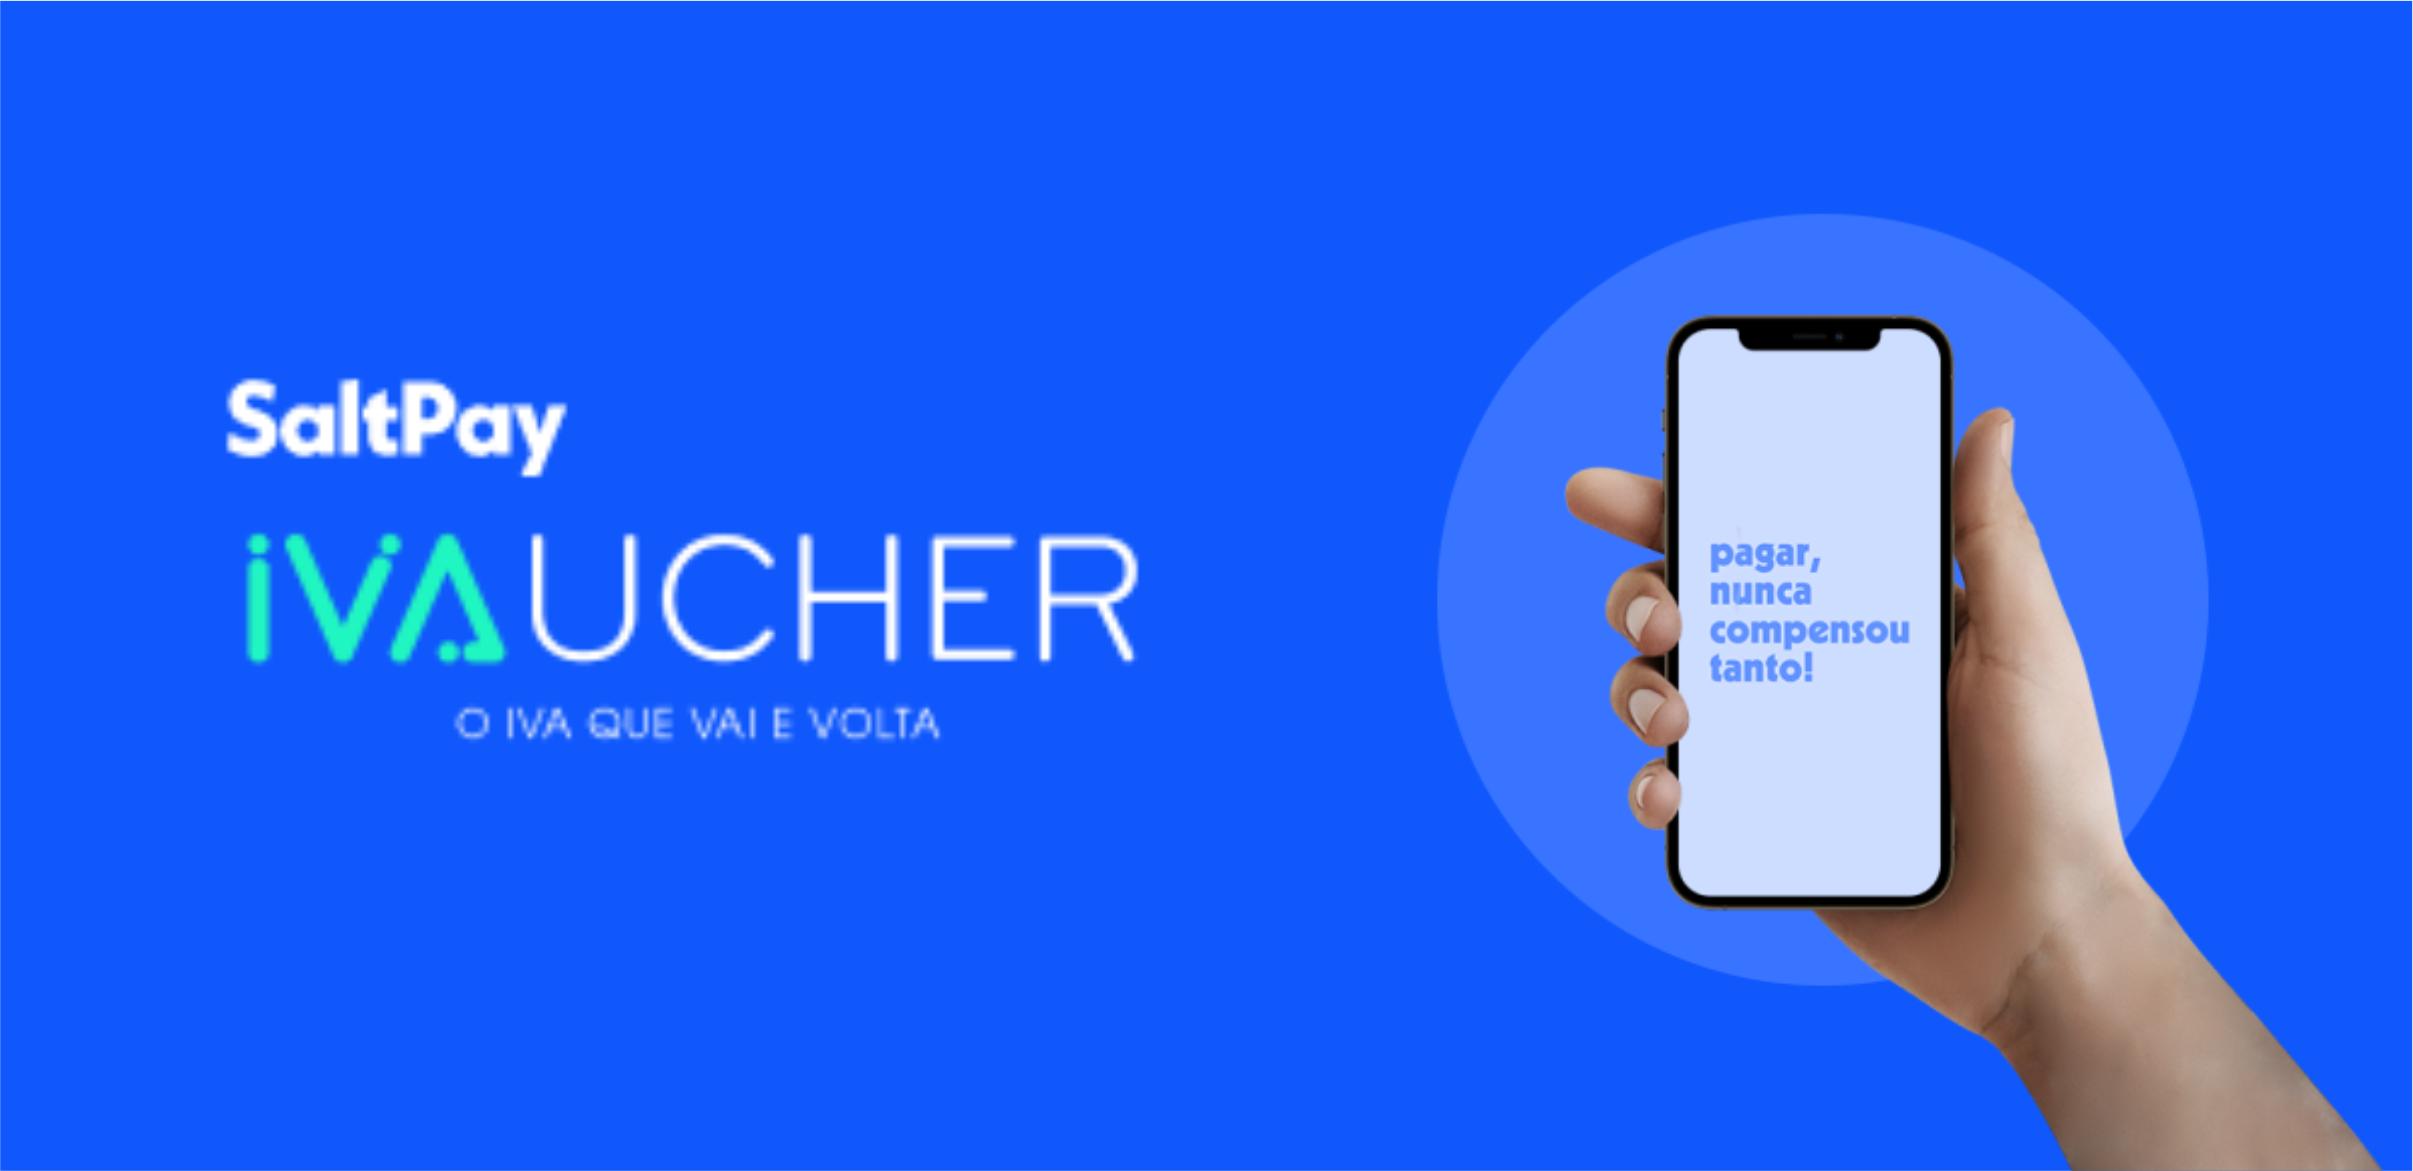 Programa IVAucher